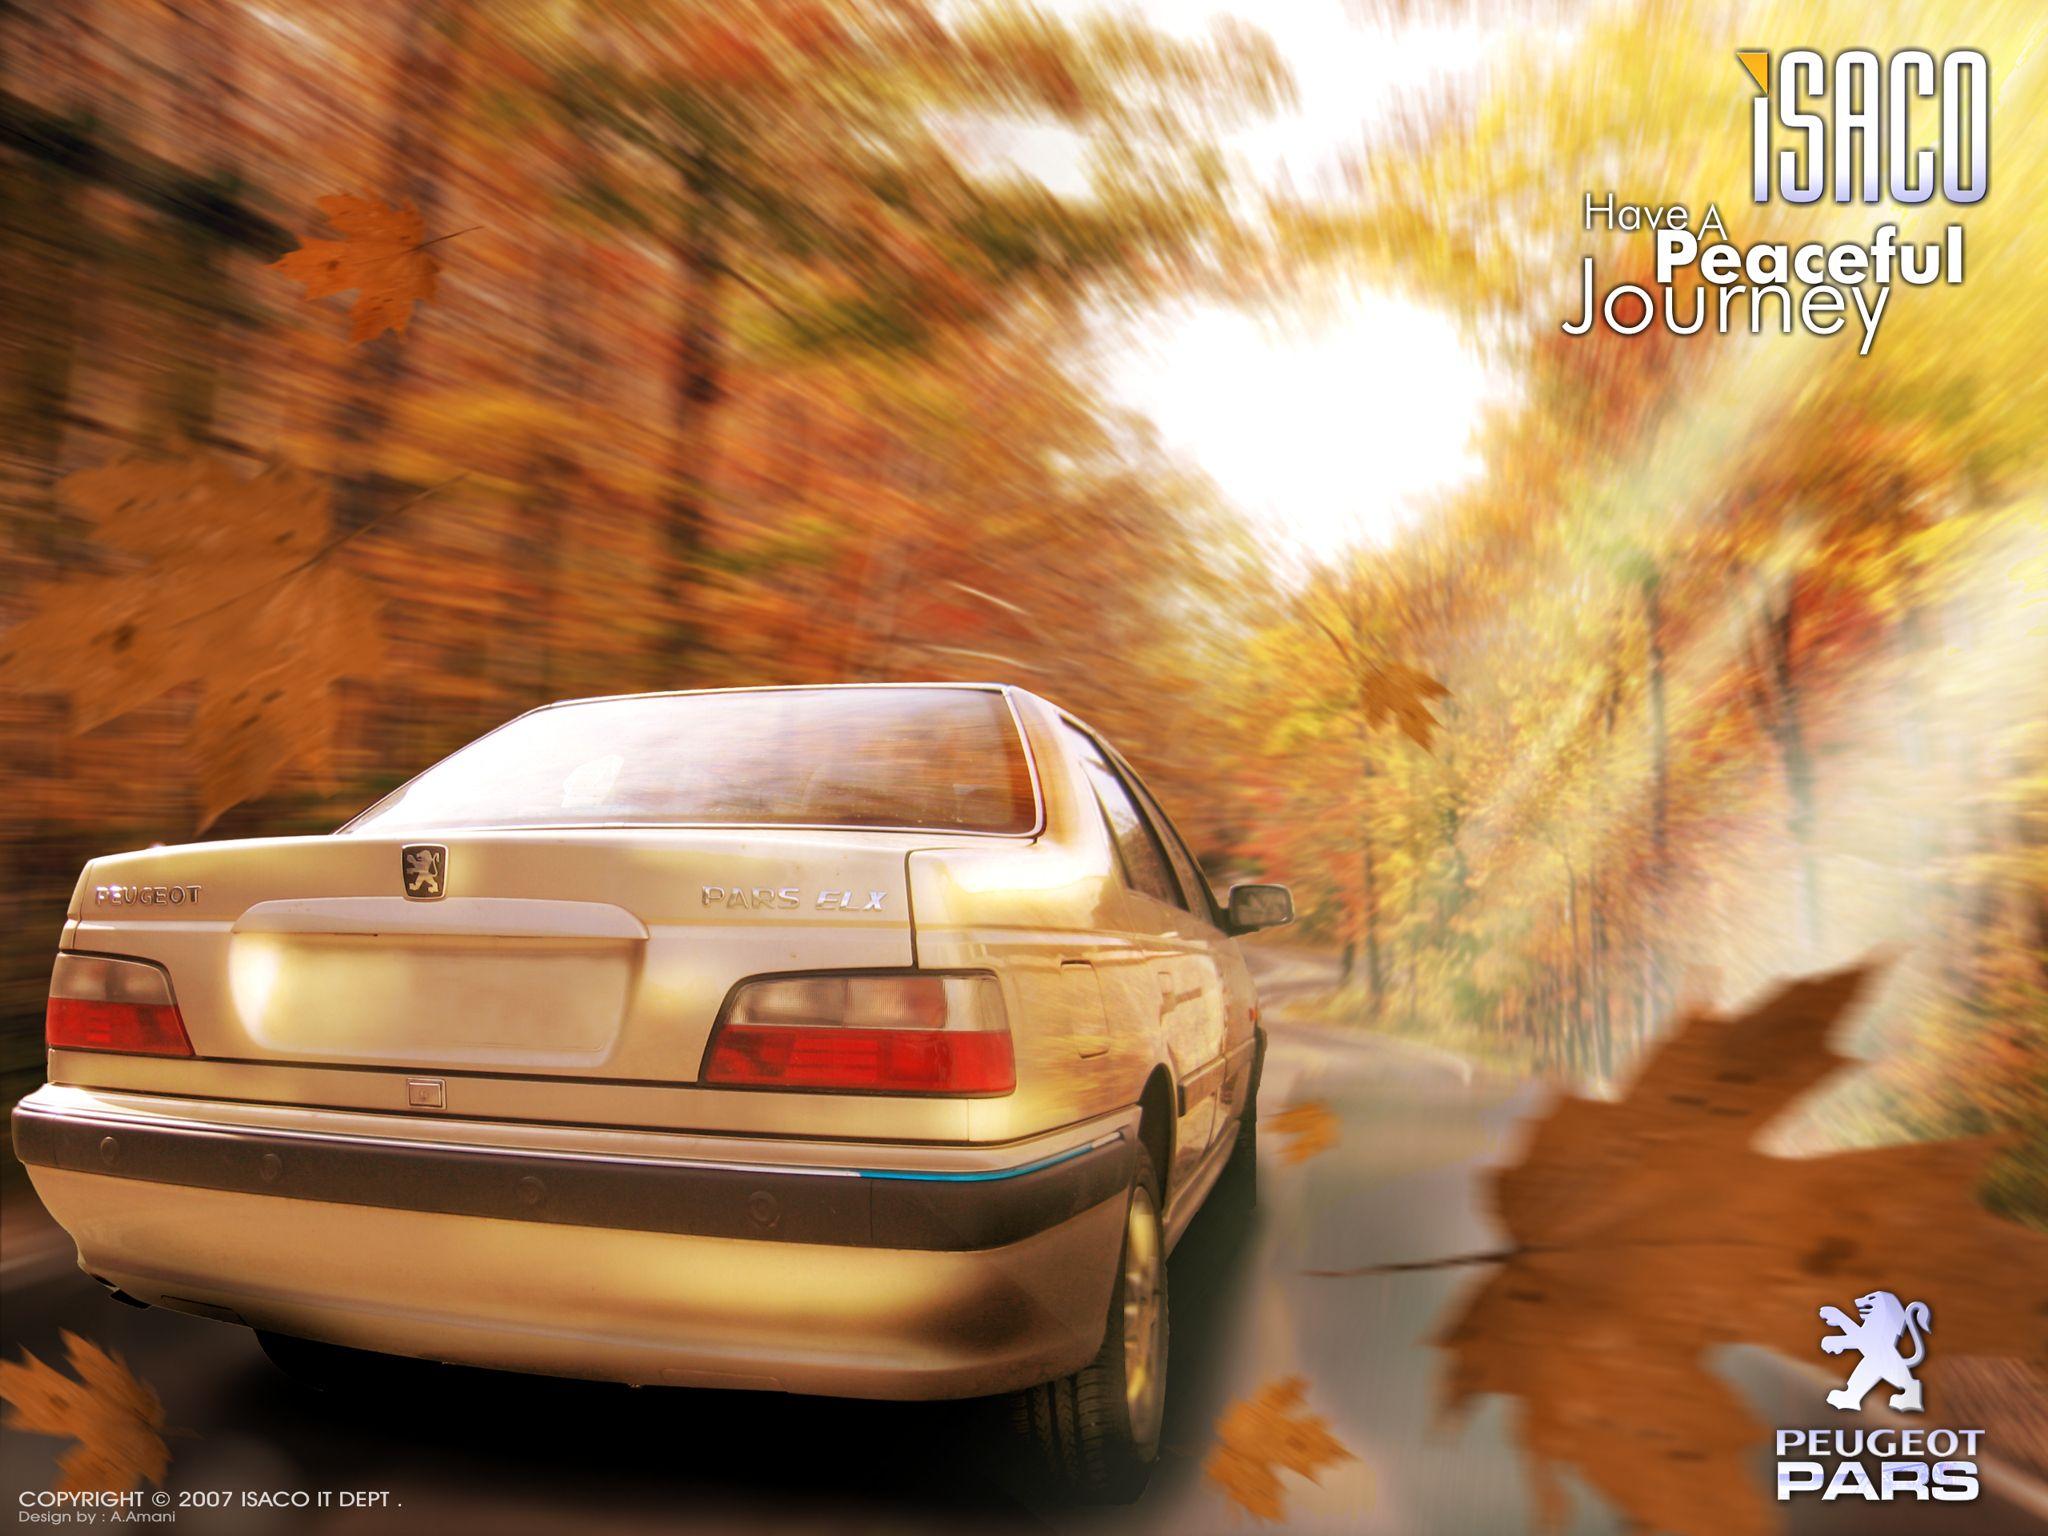 Title Peugeot Pars Wallpaper Client Isaco Year 2003 Peugeot Pars Peugeot Graphic Design Portfolio